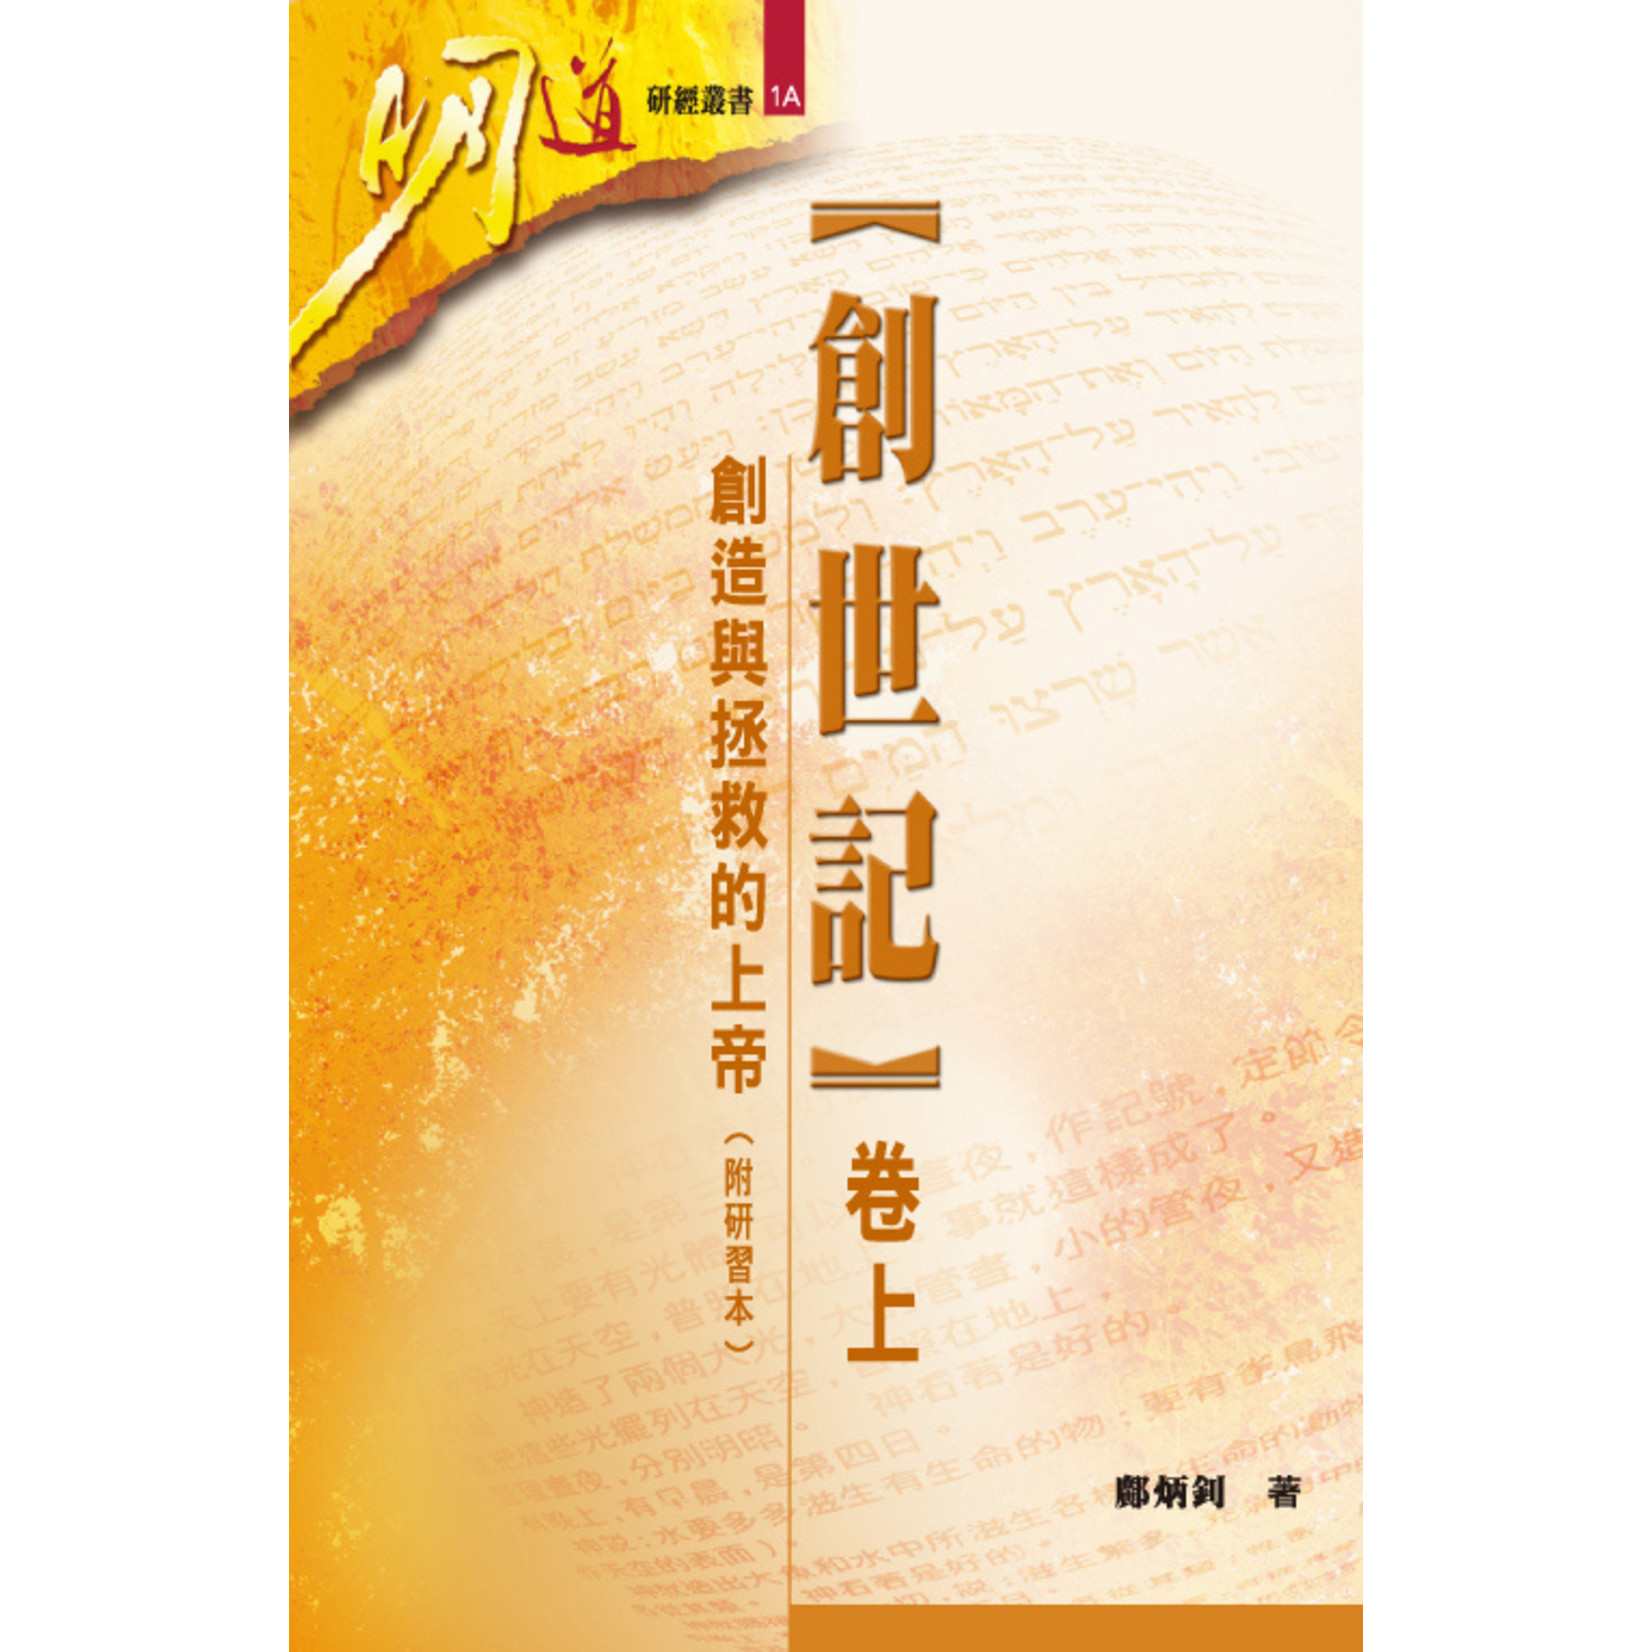 明道社 Ming Dao Press 創世記(卷上):創造與拯救的上帝(修訂版)(附研習本) TD